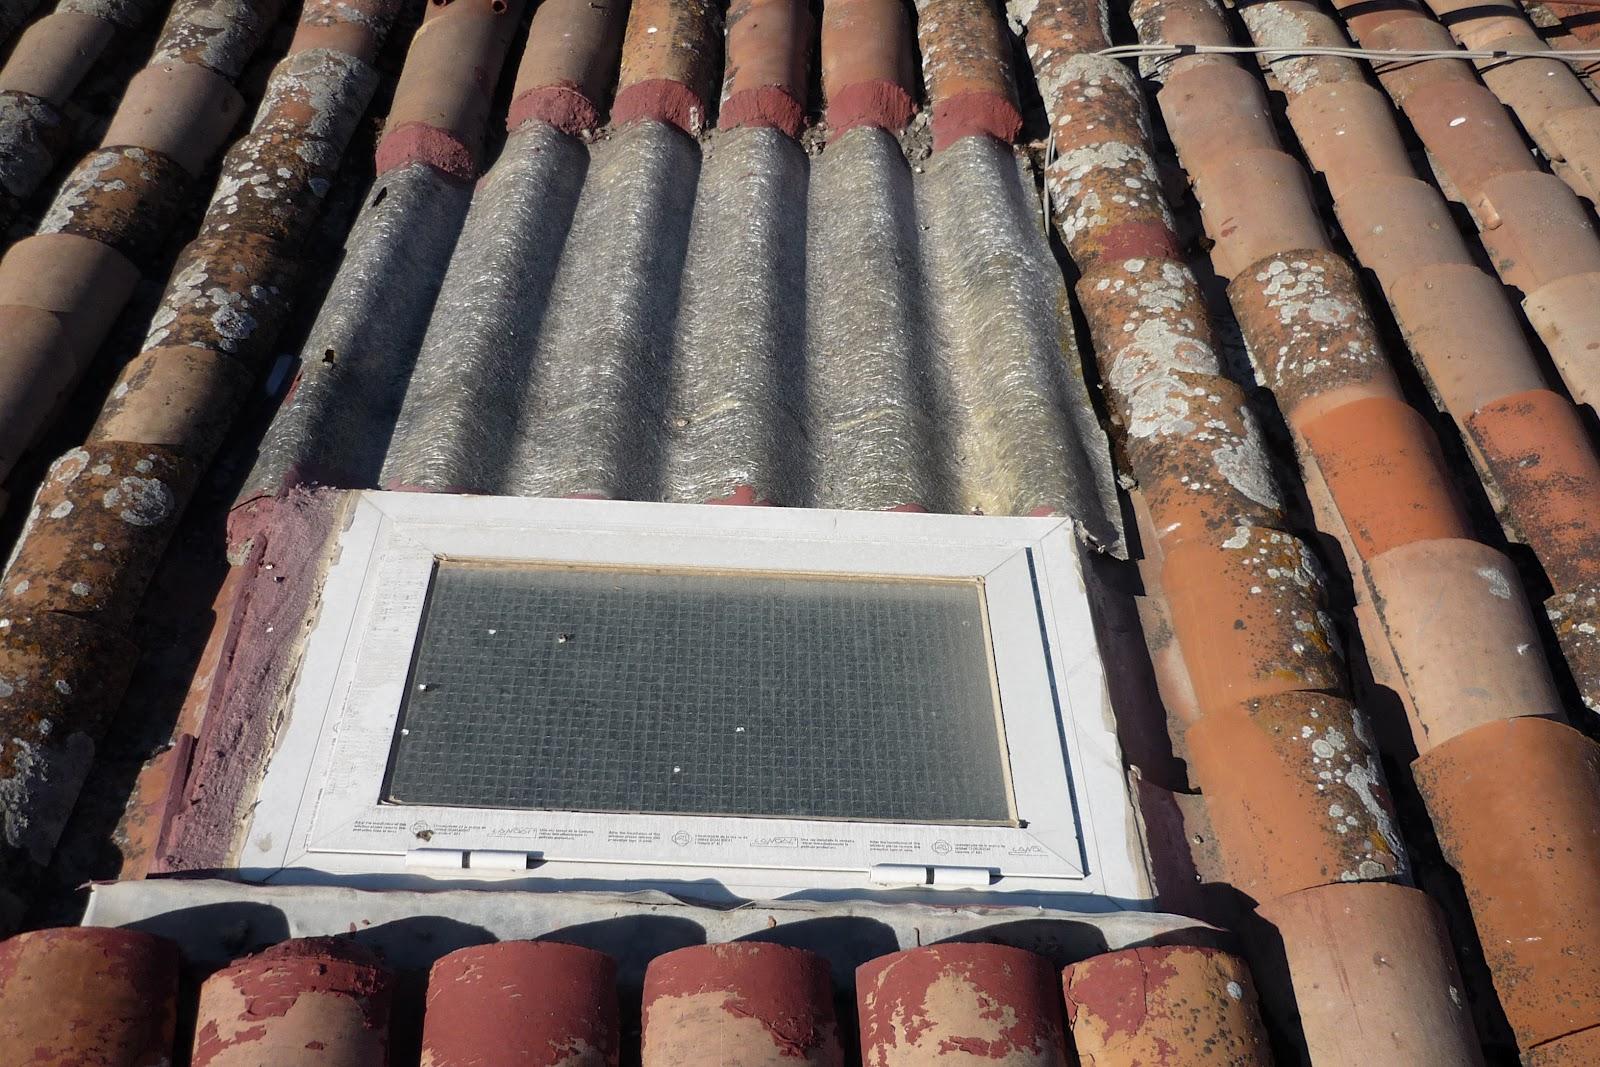 Rehabilitaci n de edificios en getafe reforma tejado en for Reformas getafe